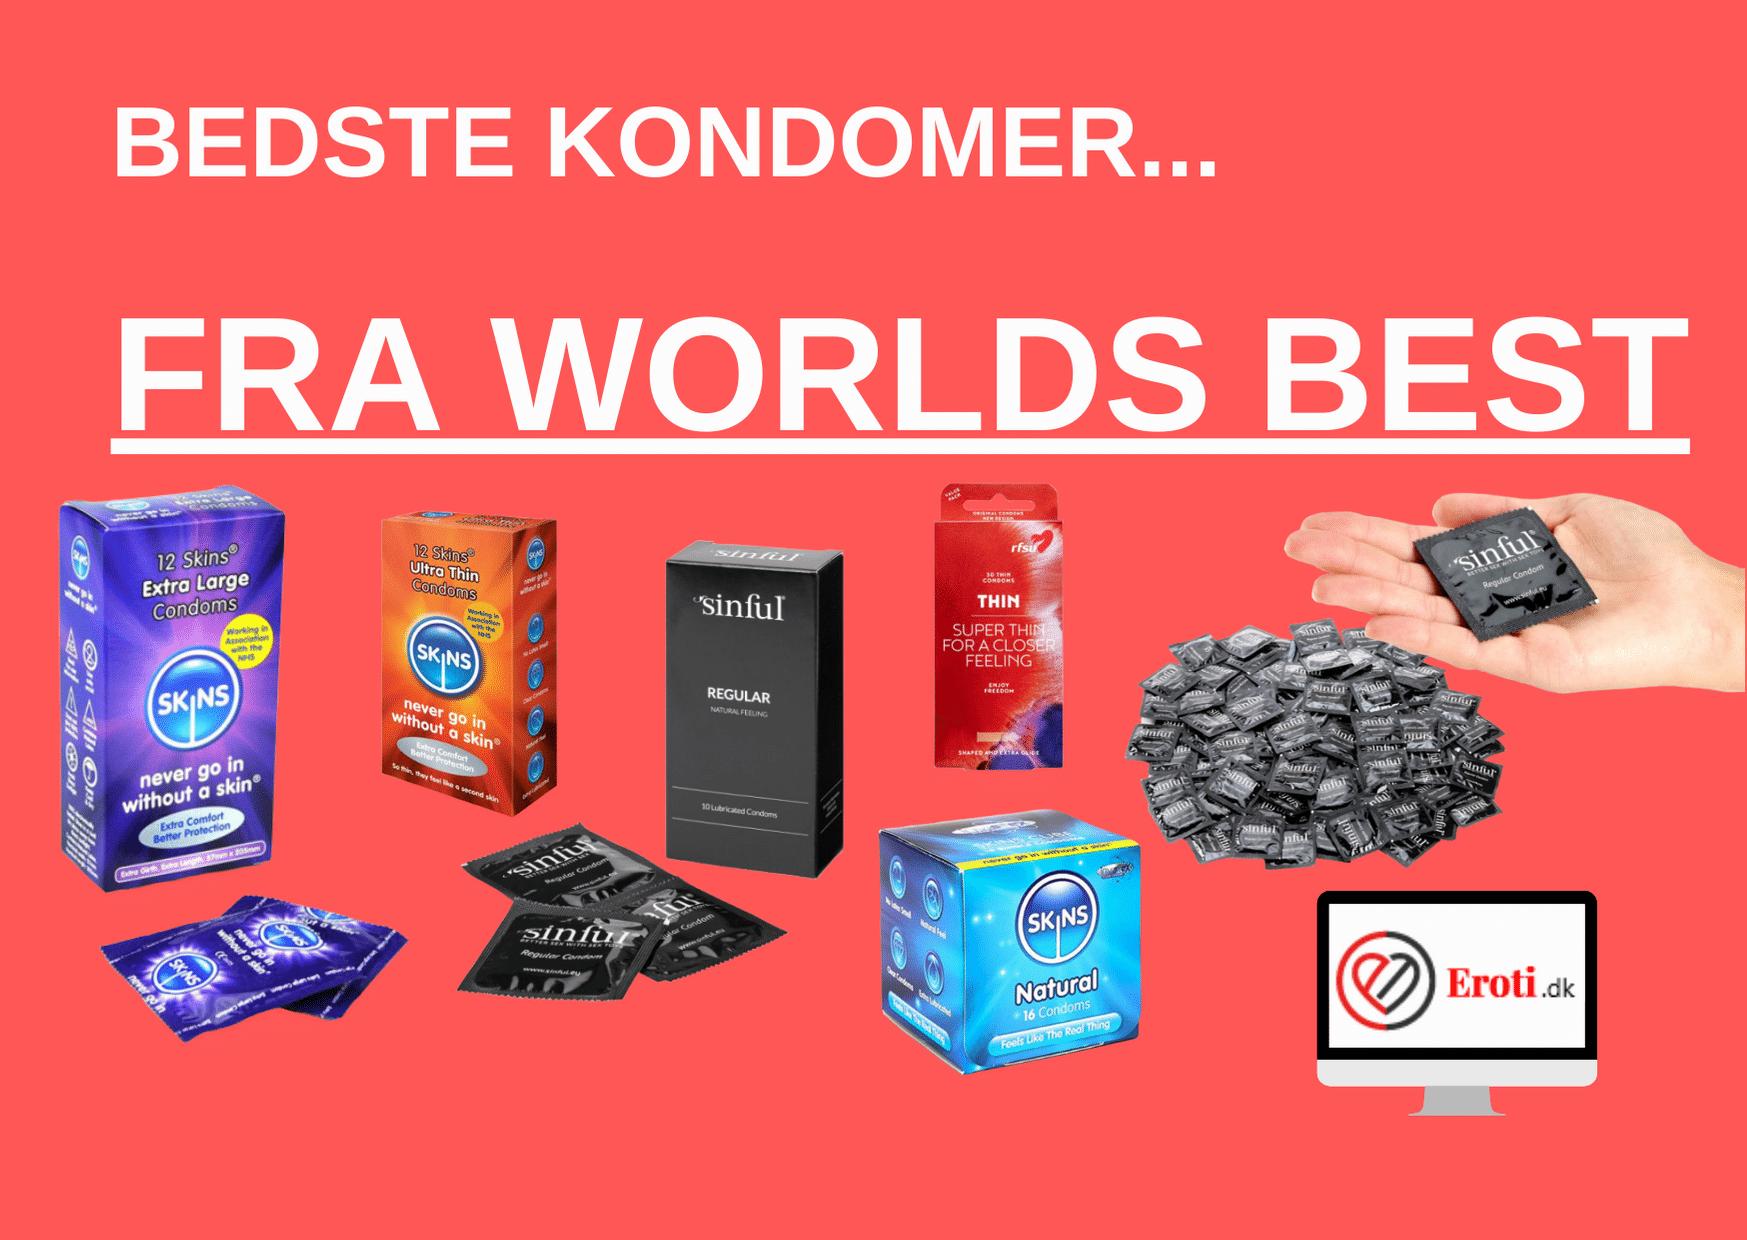 worlds best kondomer